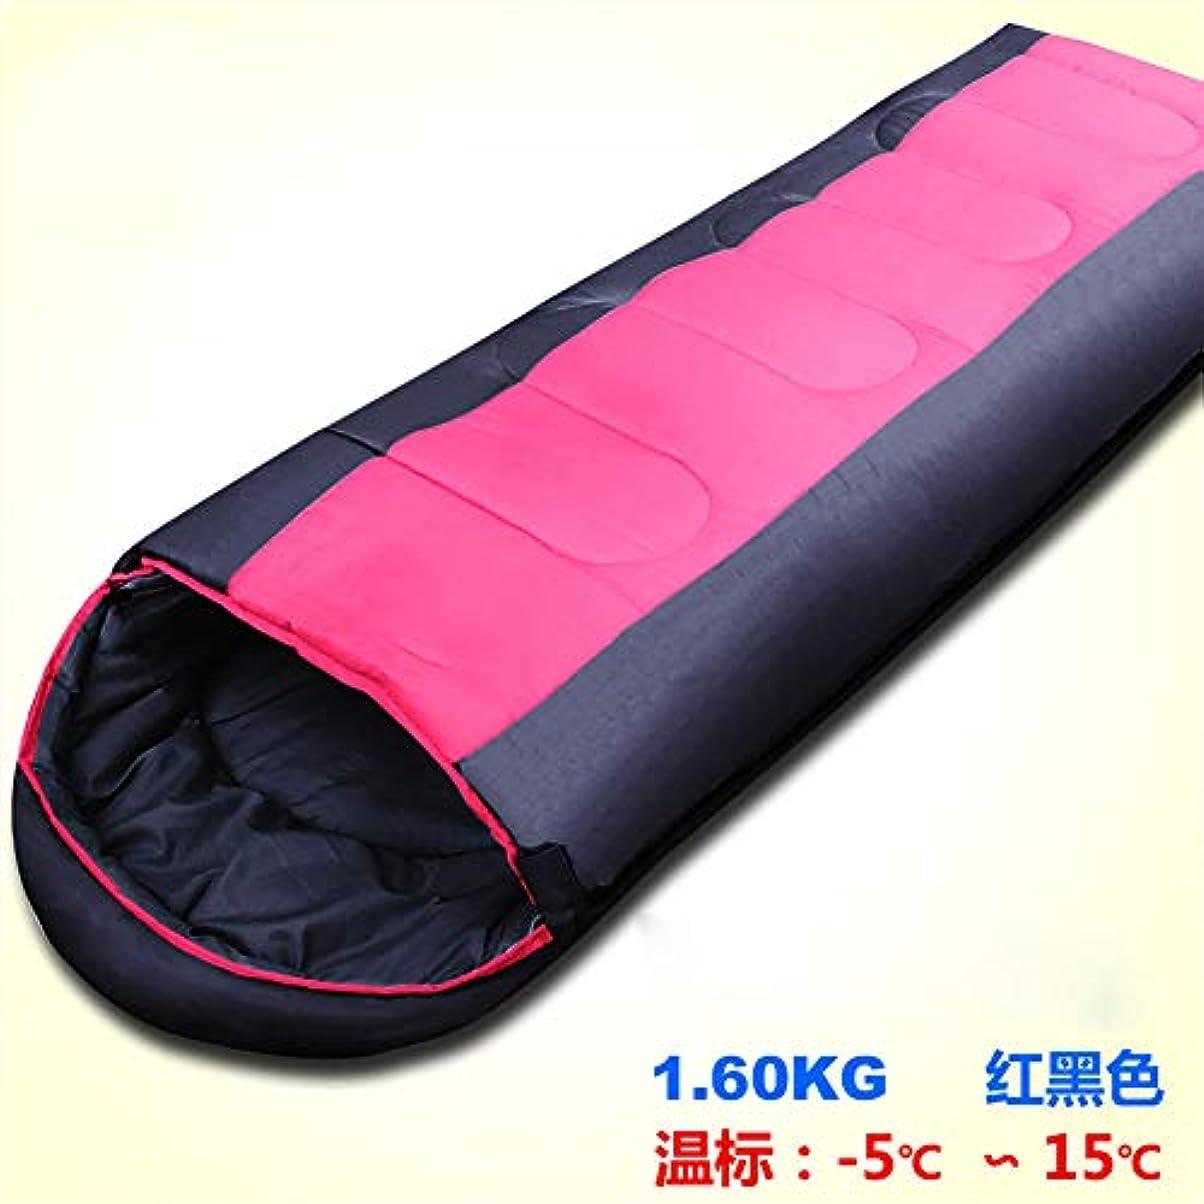 大きなスケールで見るとガム評価可能1.6kgs大人用アウトドアキャンプ寝袋封筒パターンキャップ付き厚手詰物綿軽い持ち運びやすい保温寝袋